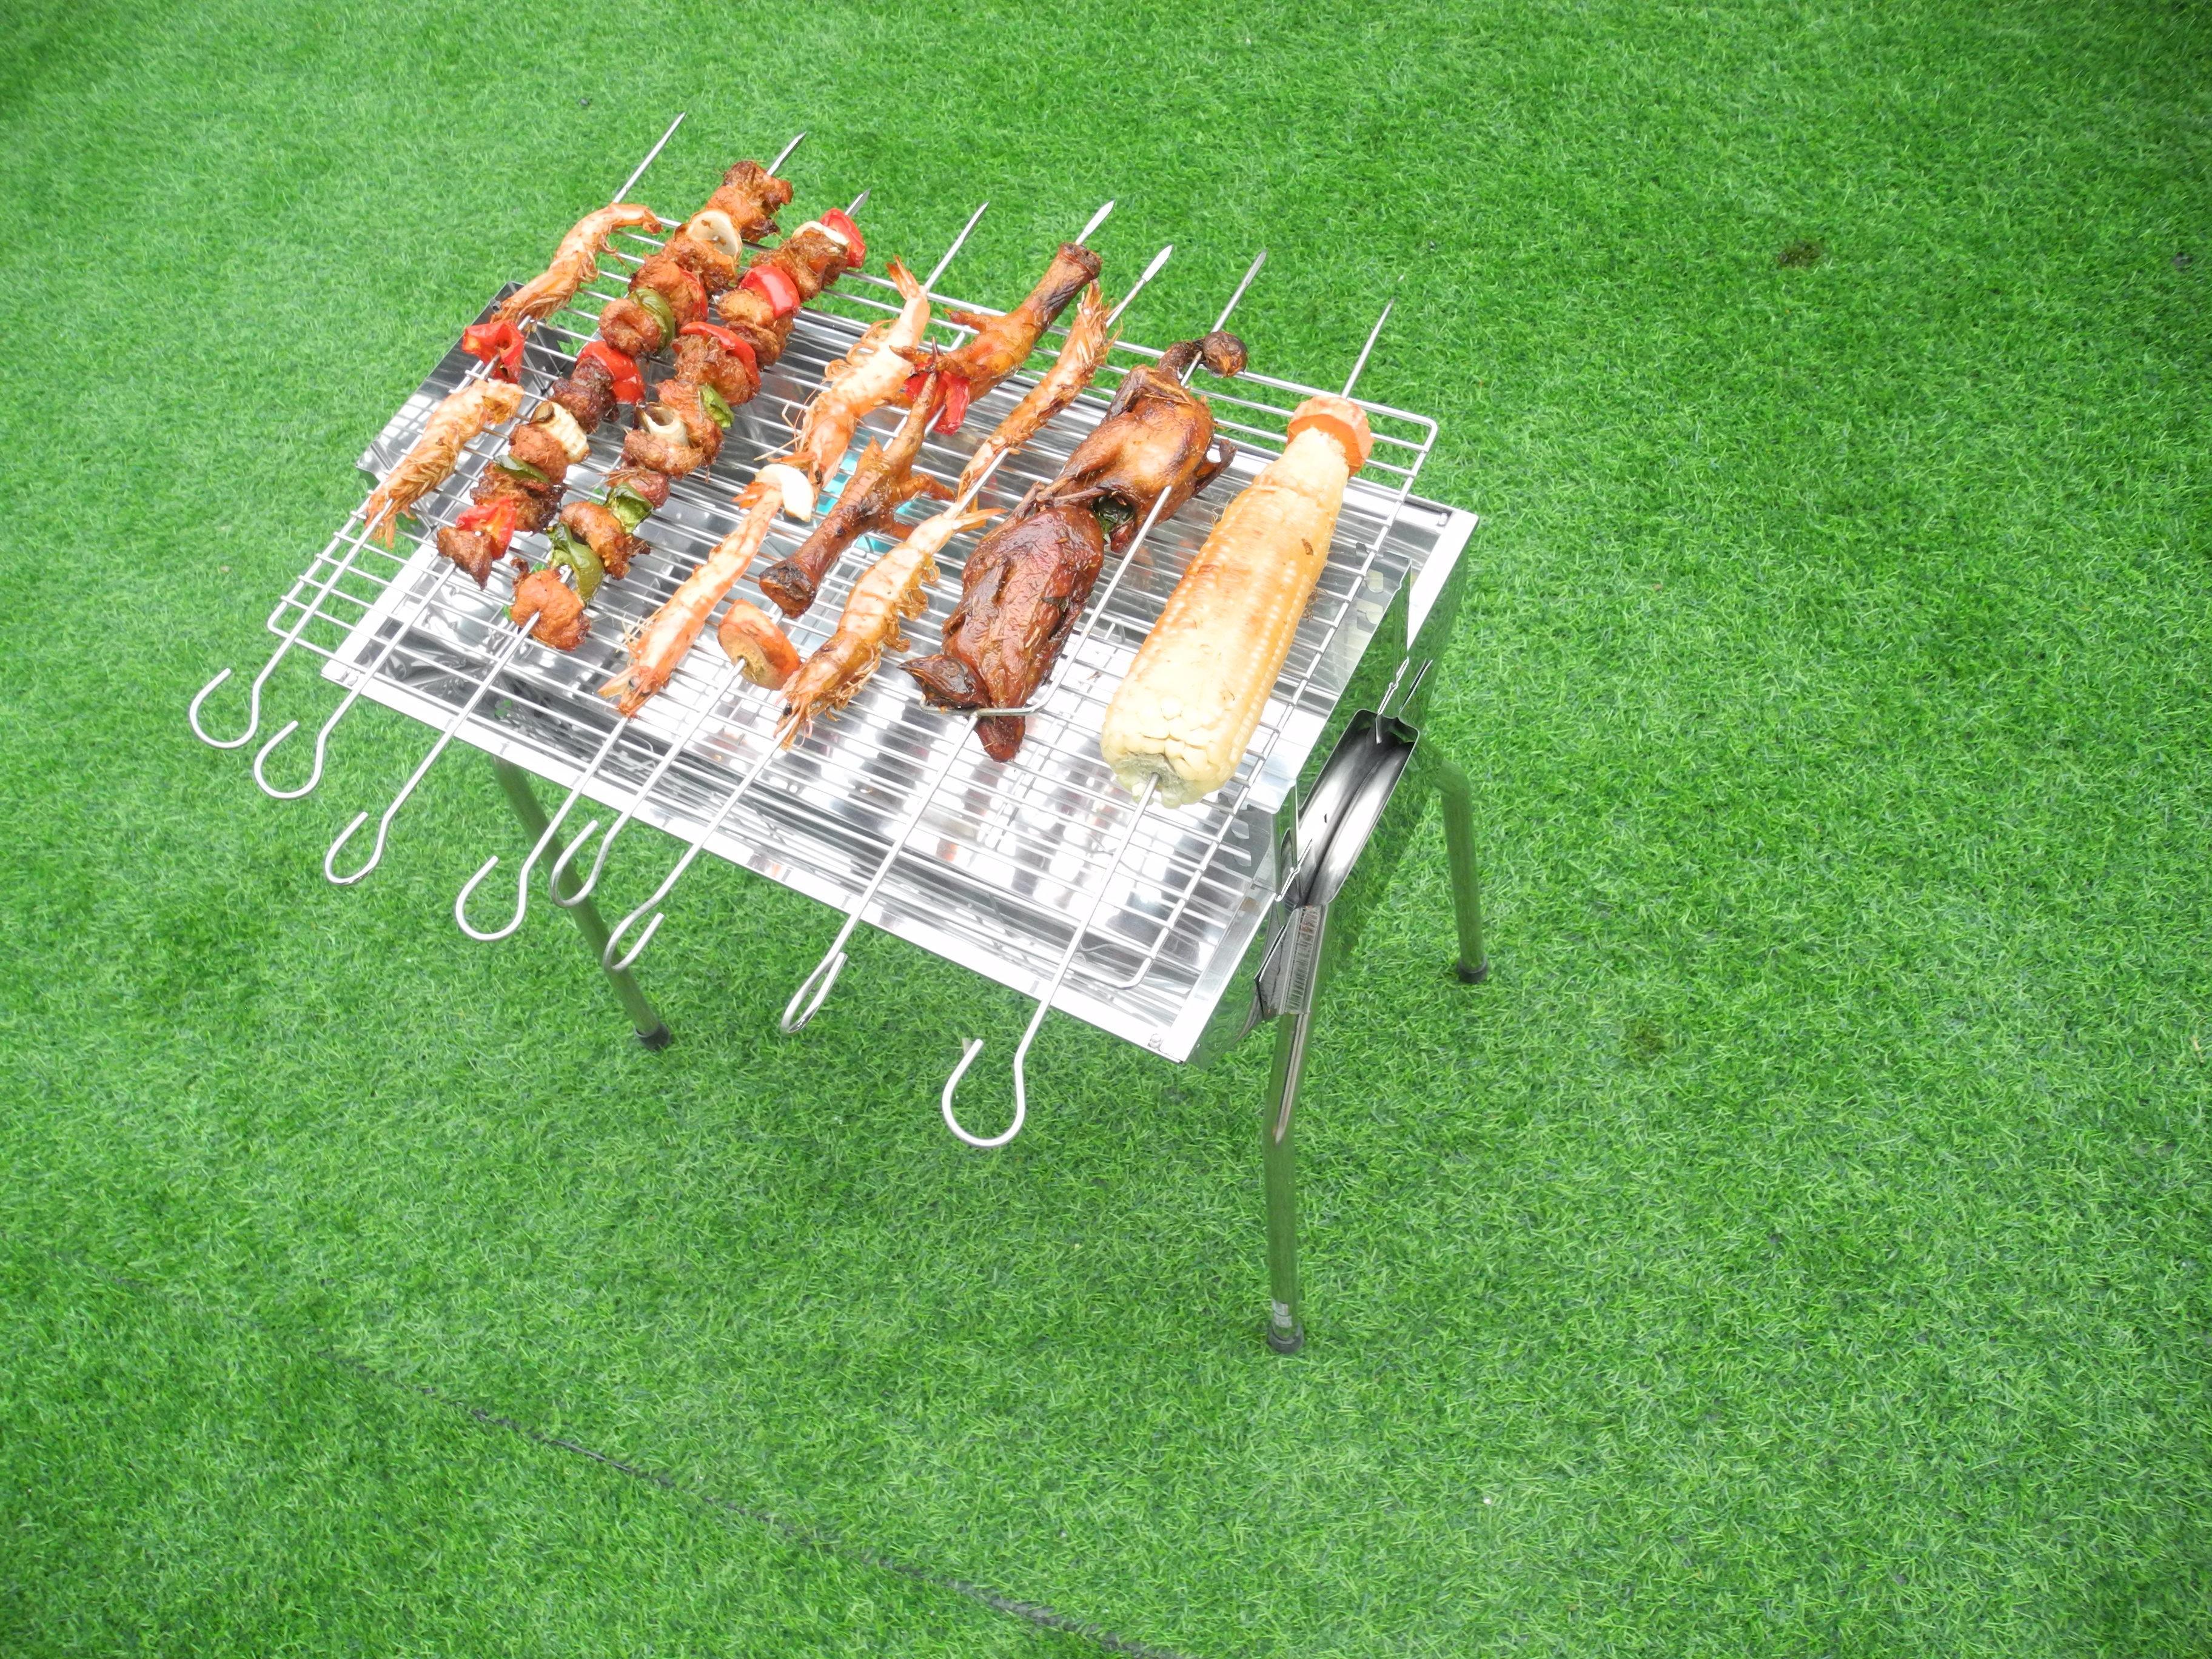 Bếp nướng than hoa VS, Inox không gỉ sét, chống cháy thực phẩm, an toàn sức khỏe, không cần quạt, bếp nướng không khói, bếp nướng ngoài trời, bếp nướng than hoa vuông